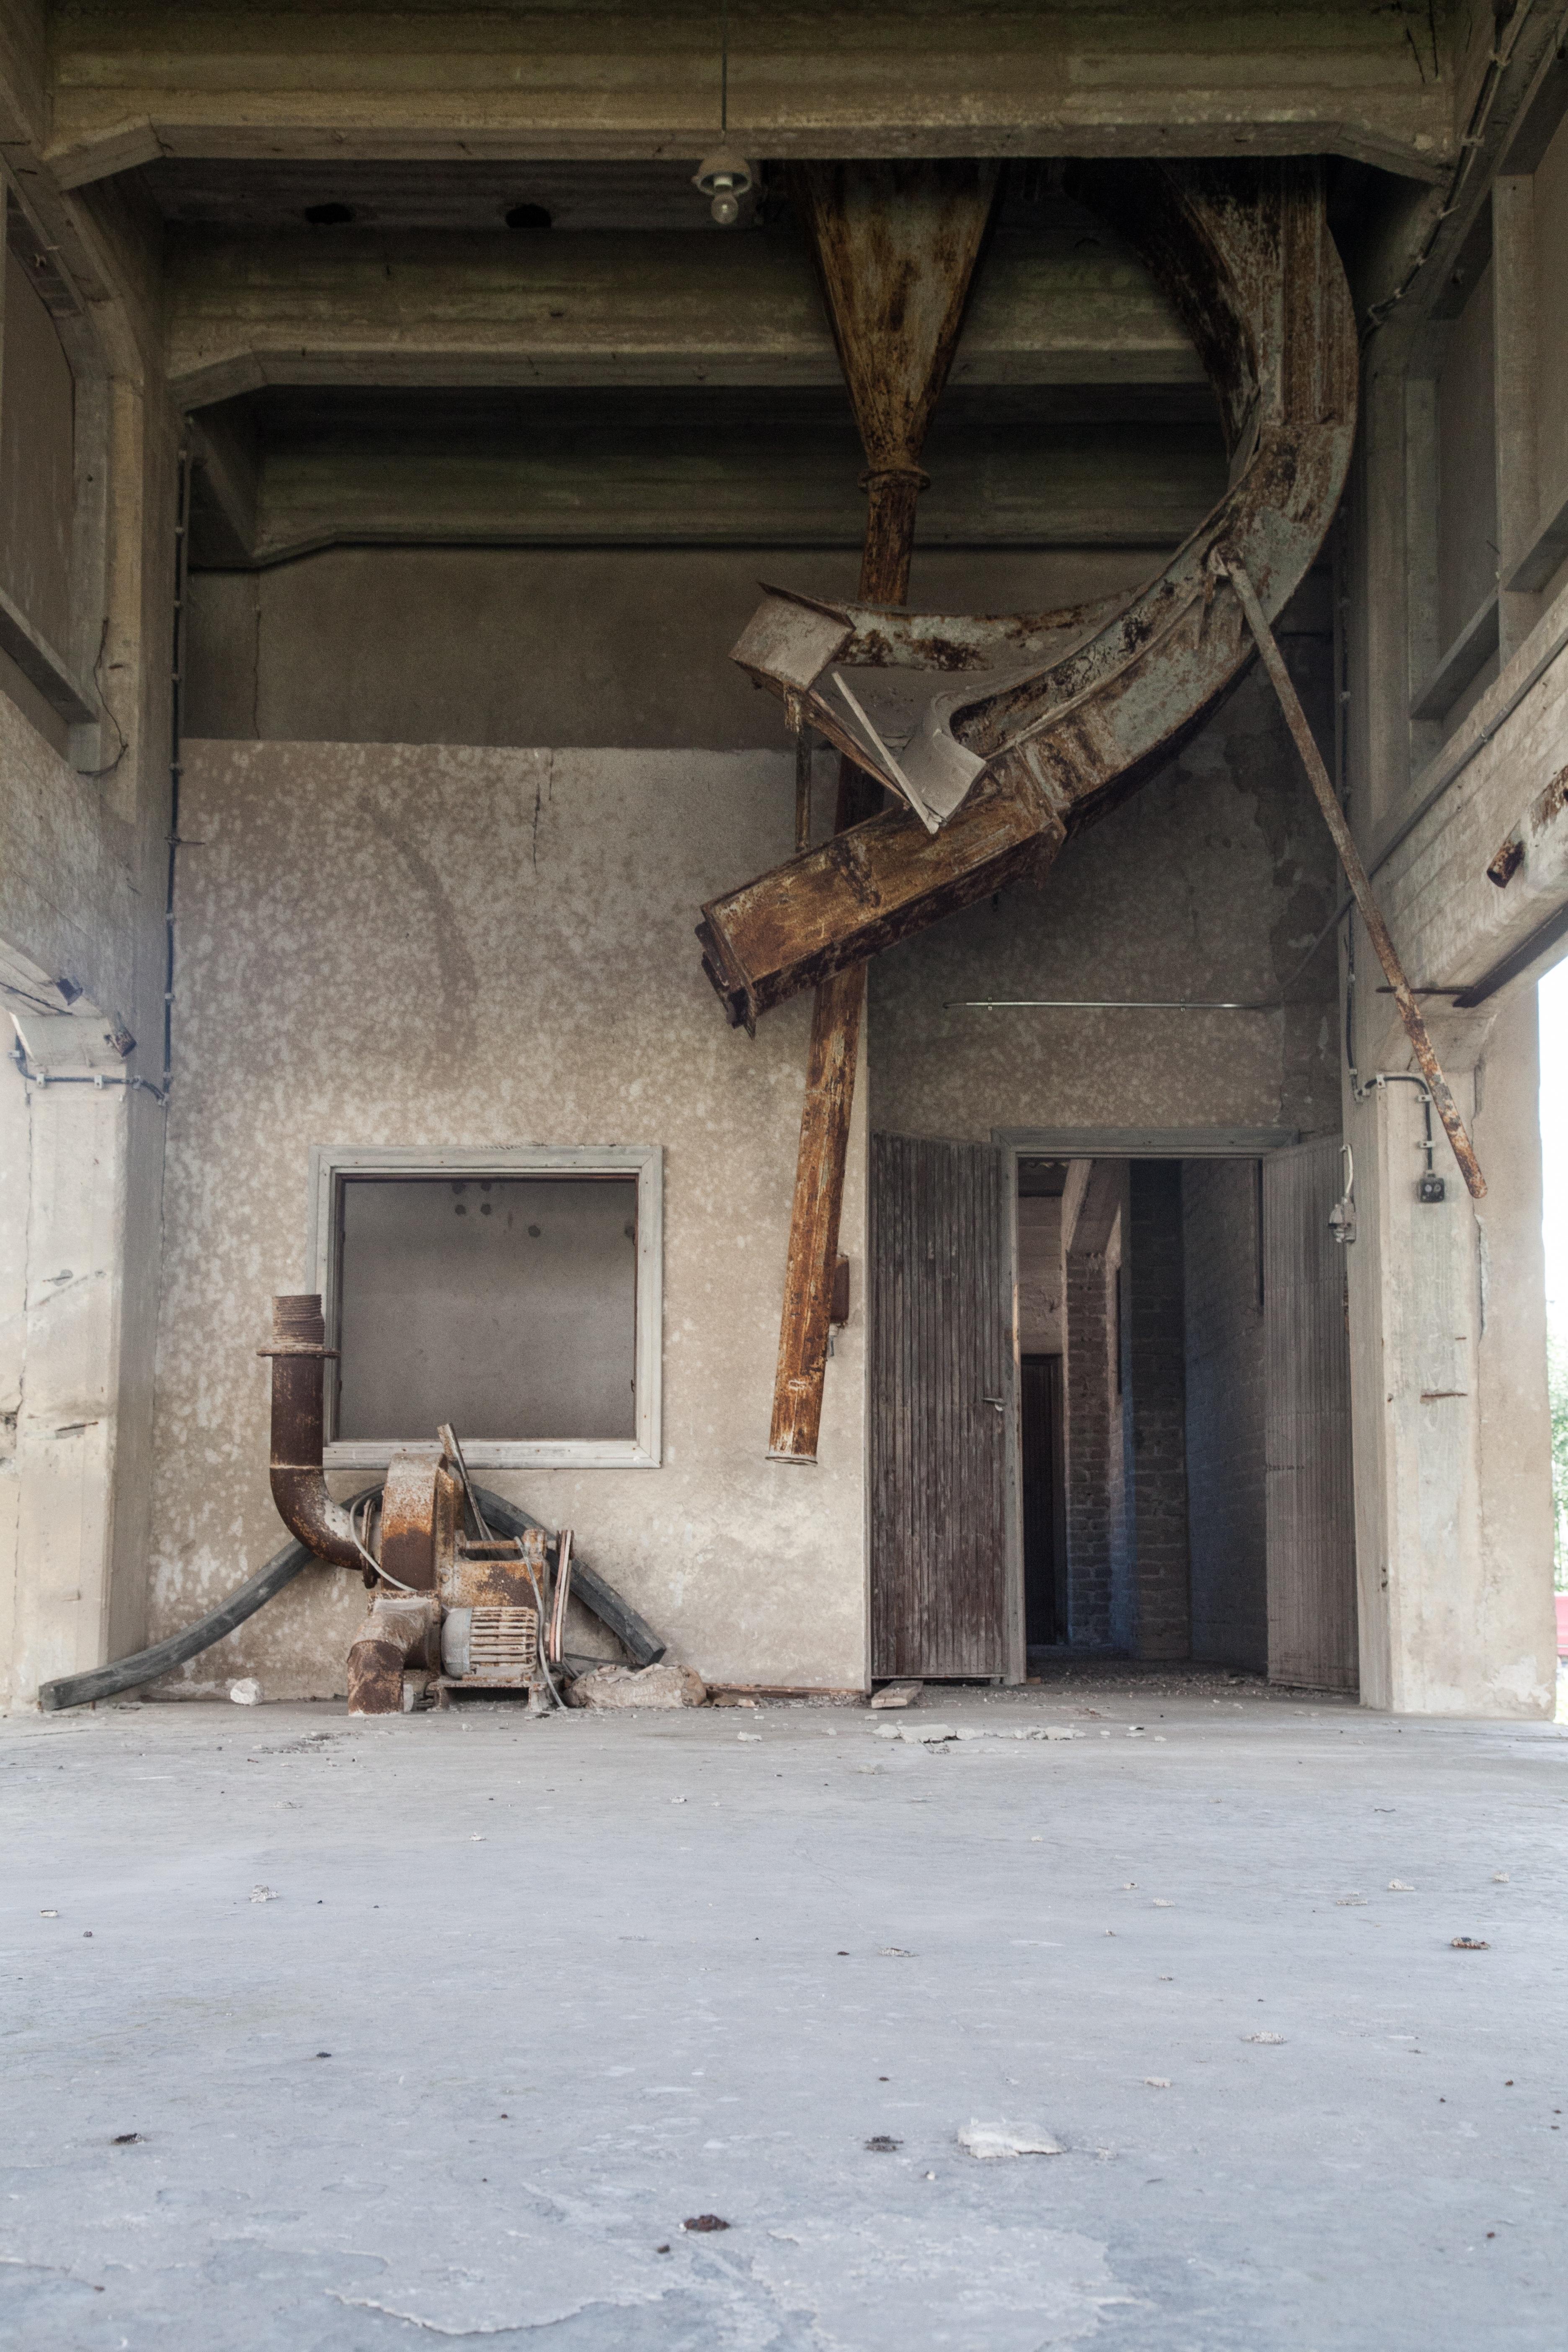 Nostalgische Stehlen kostenlose foto die architektur struktur holz straße jahrgang